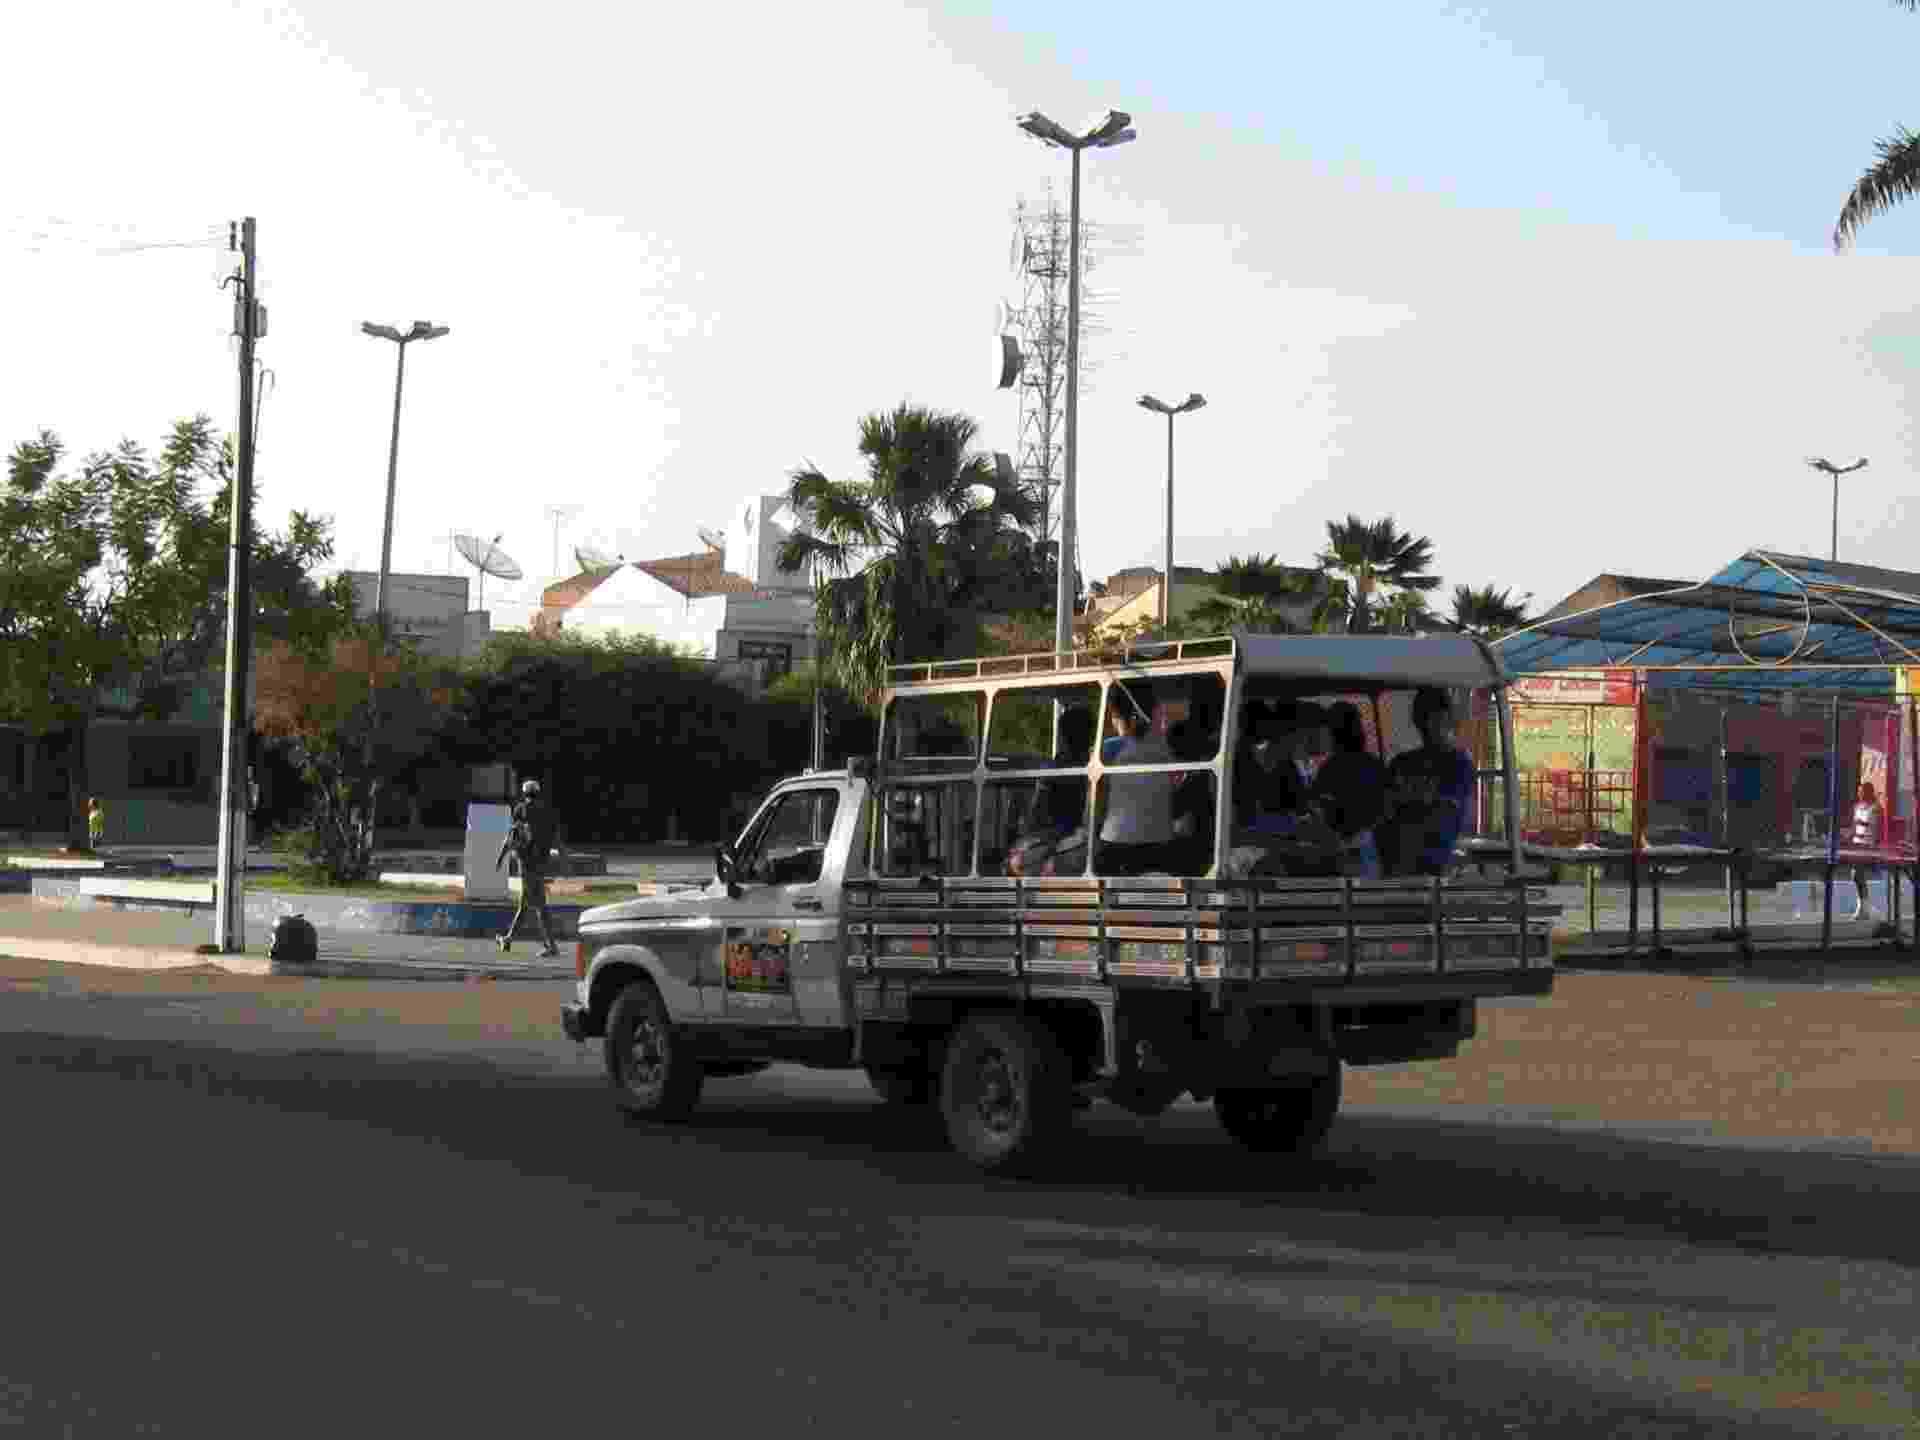 REPRODUÇÃO PROIBIDA; SÓ PODE SER USADA EM MATÉRIA SOBRE O FNDE E TRANSPORTE ESCOLAR - Divulgação/Pesquisa transporte escolar rural - FNDE/UnB